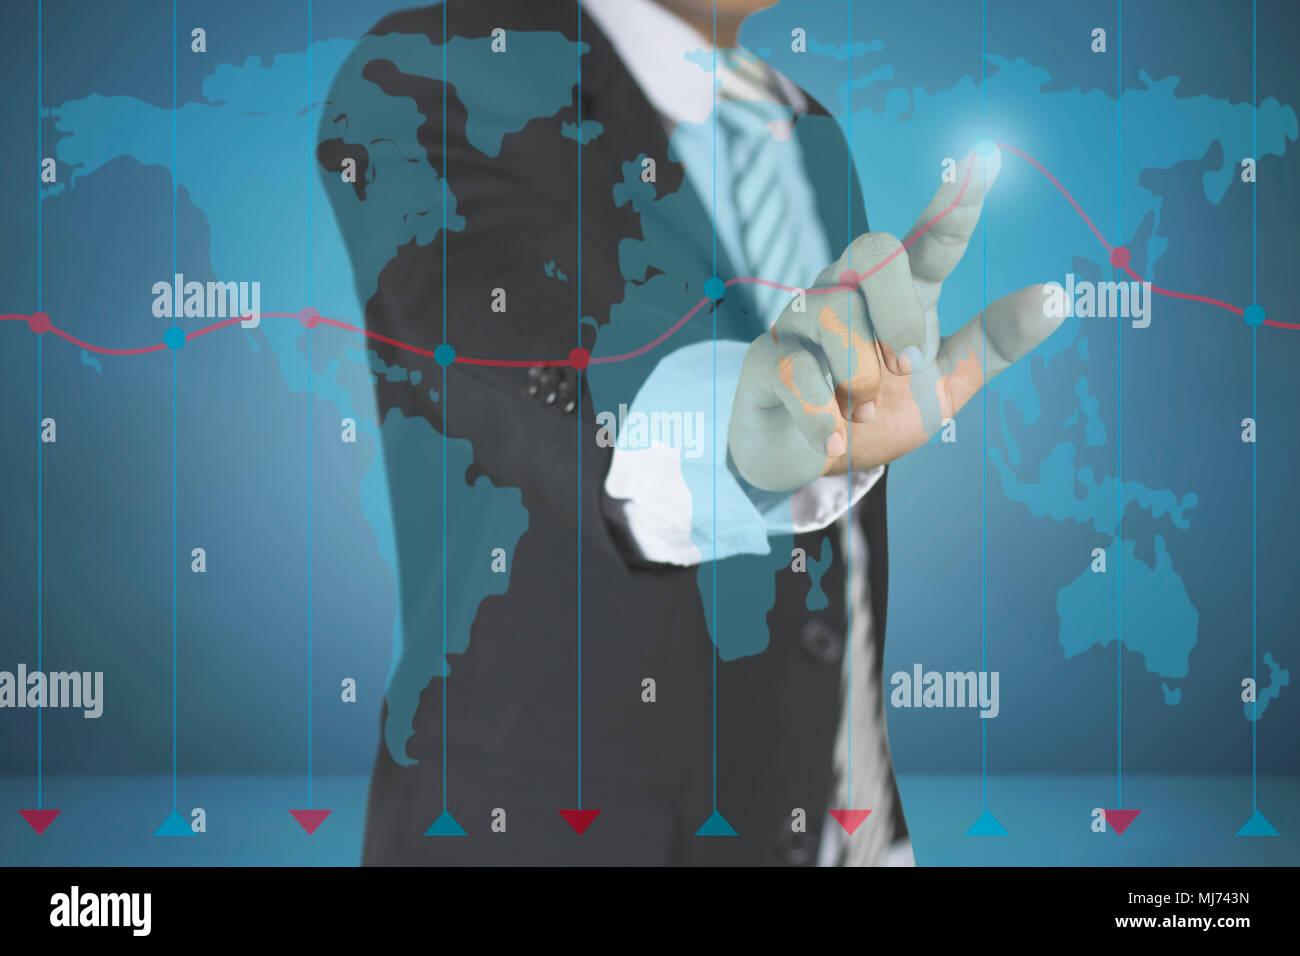 Business man pointing at graph concept commercial et de croissance sur fond bleu foncé avec carte. L'investissement, les finances, les affaires, la technologie de l'avenir un succès Photo Stock